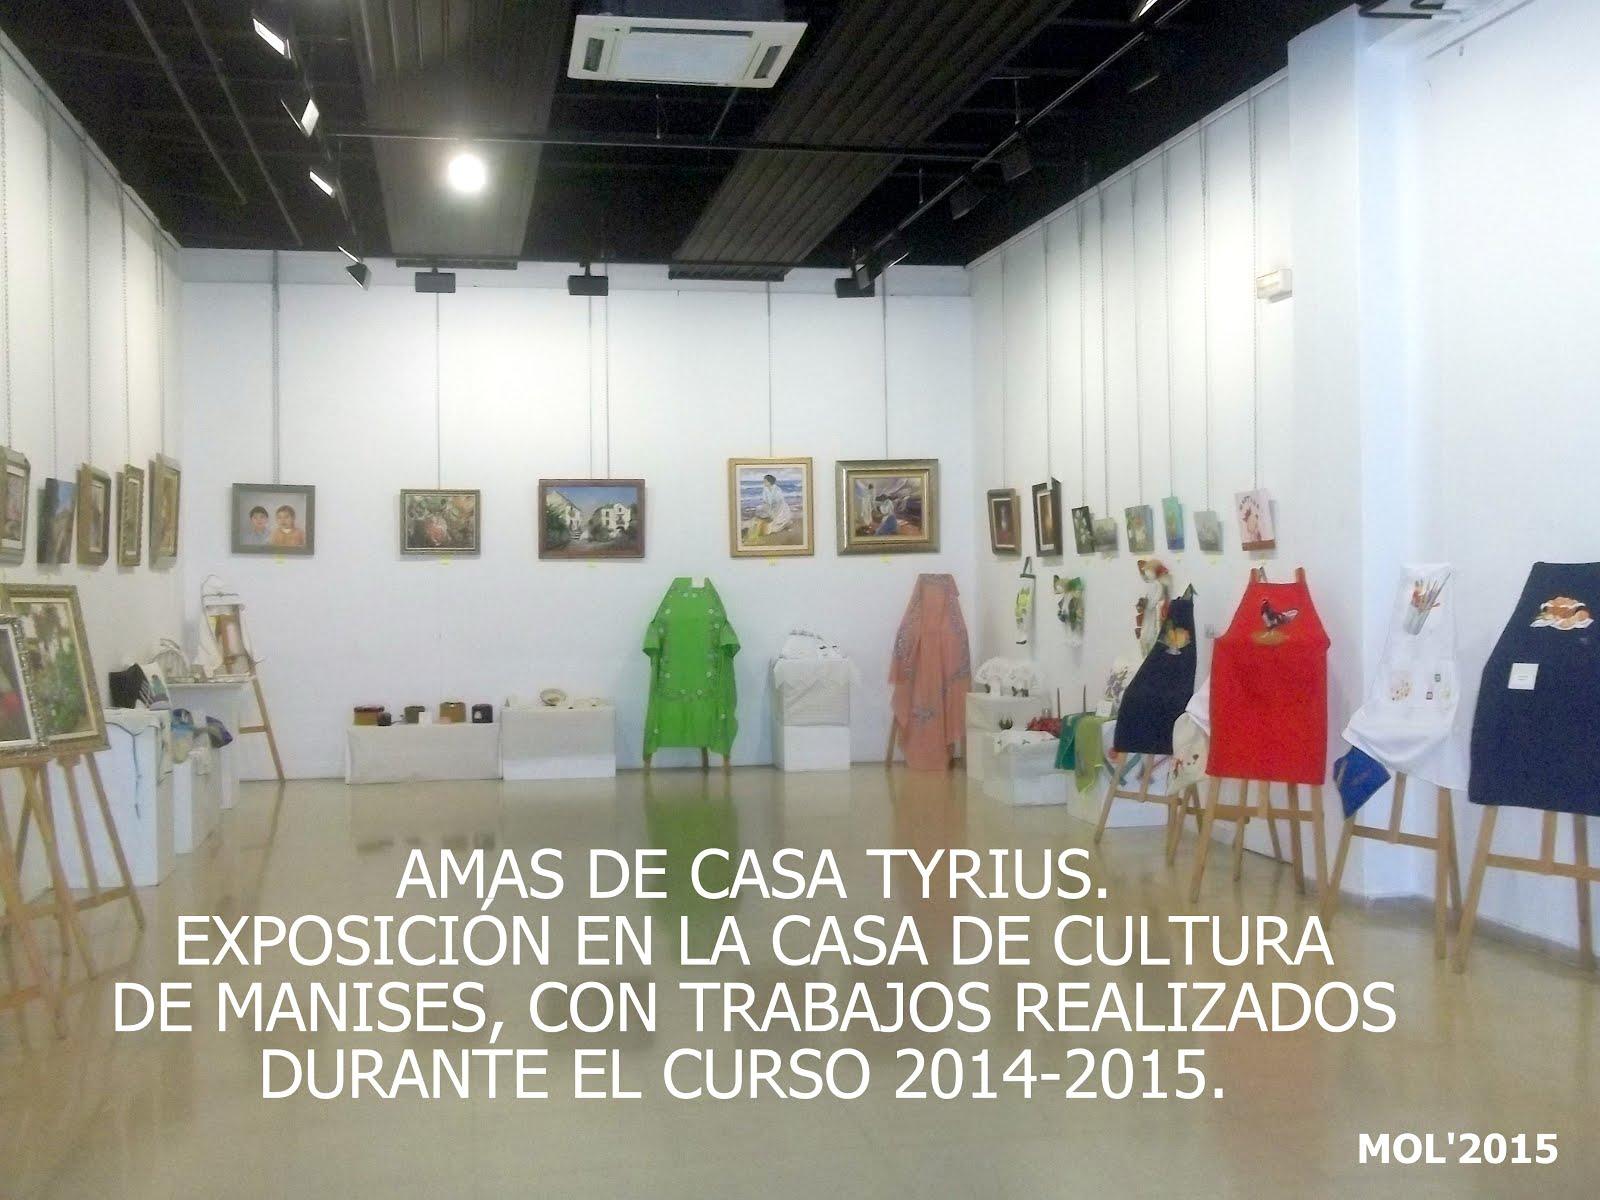 02.06.15 AMAS DE CASA TYRIUS, EXPOSICIÓN EN LA CASA DE CULTURA